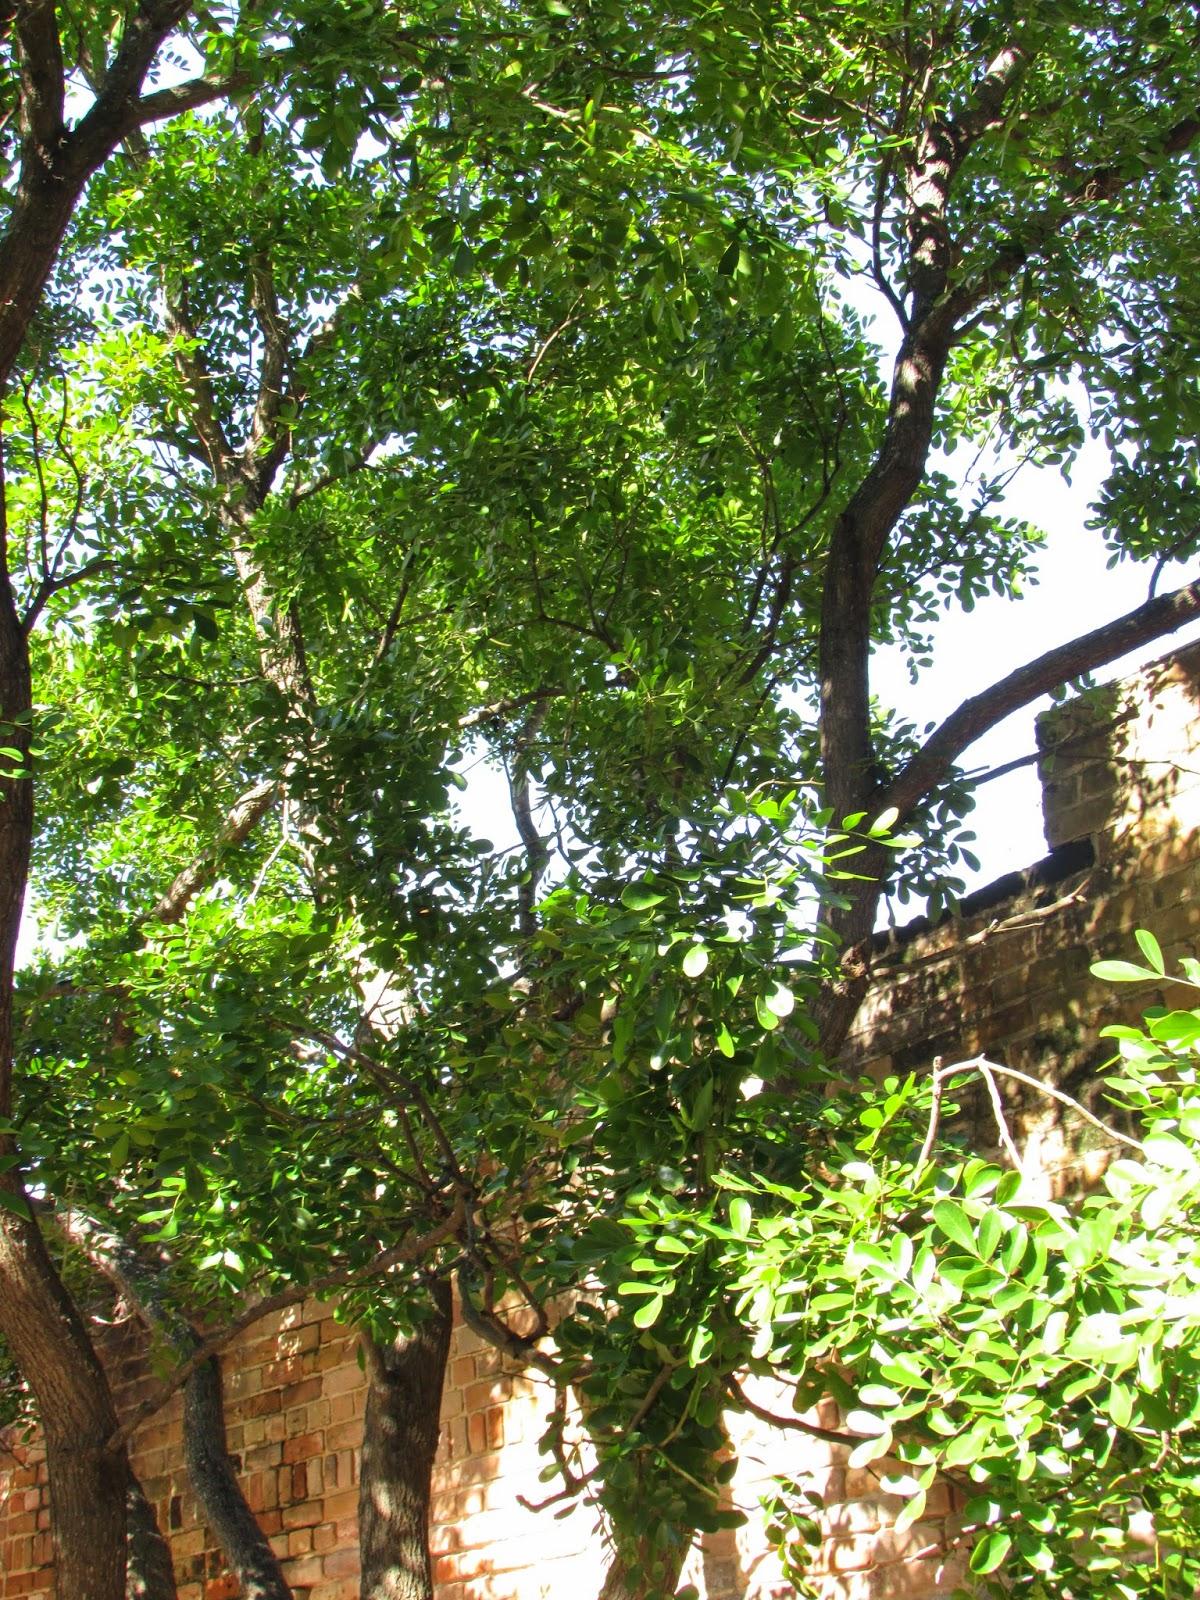 http://aggie-horticulture.tamu.edu/ornamentals/nativeshrubs/sophorasecund.htm